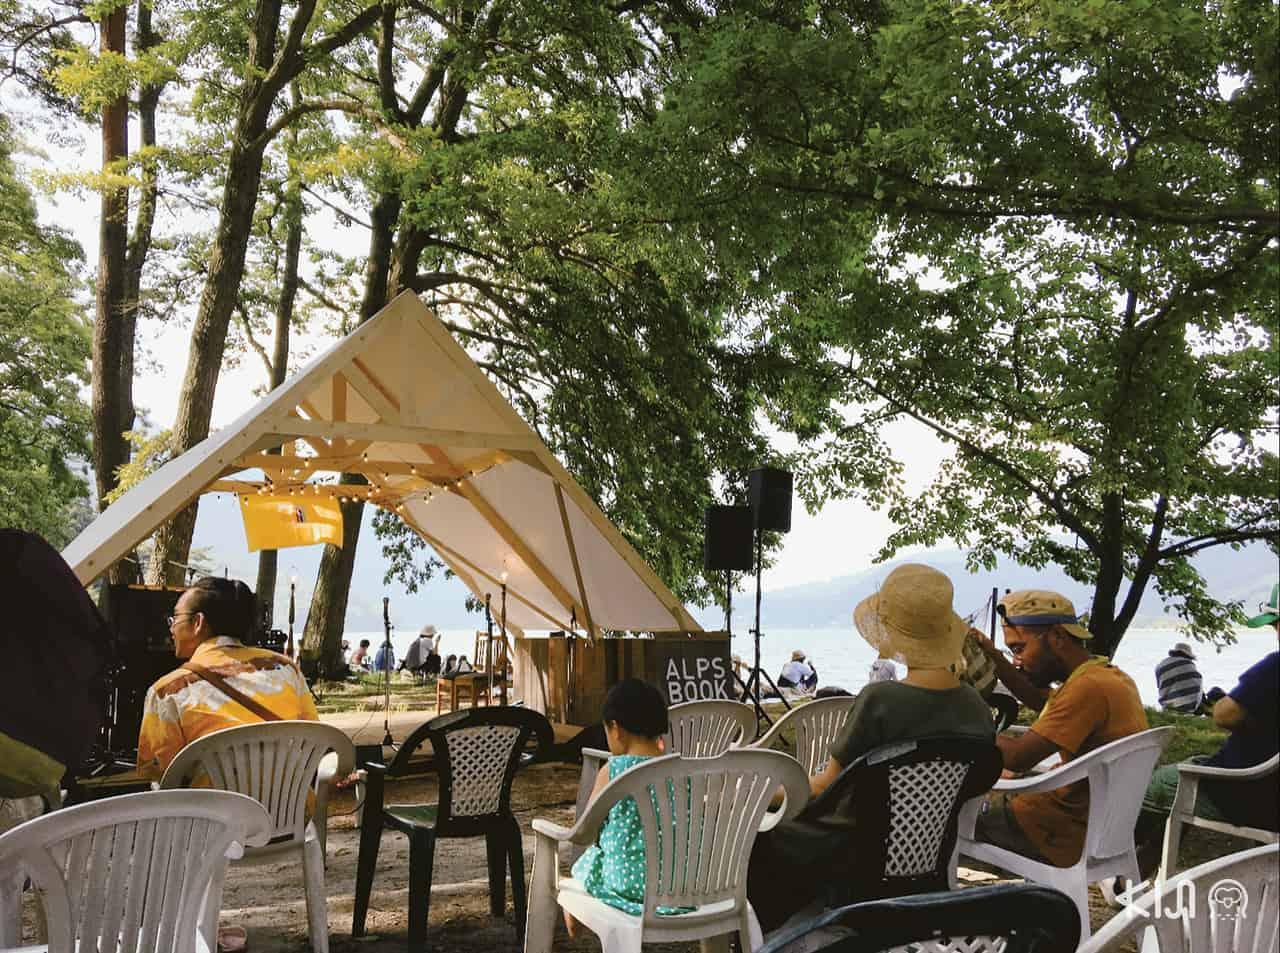 โซนดนตรีภายในงาน Alps Book Camp